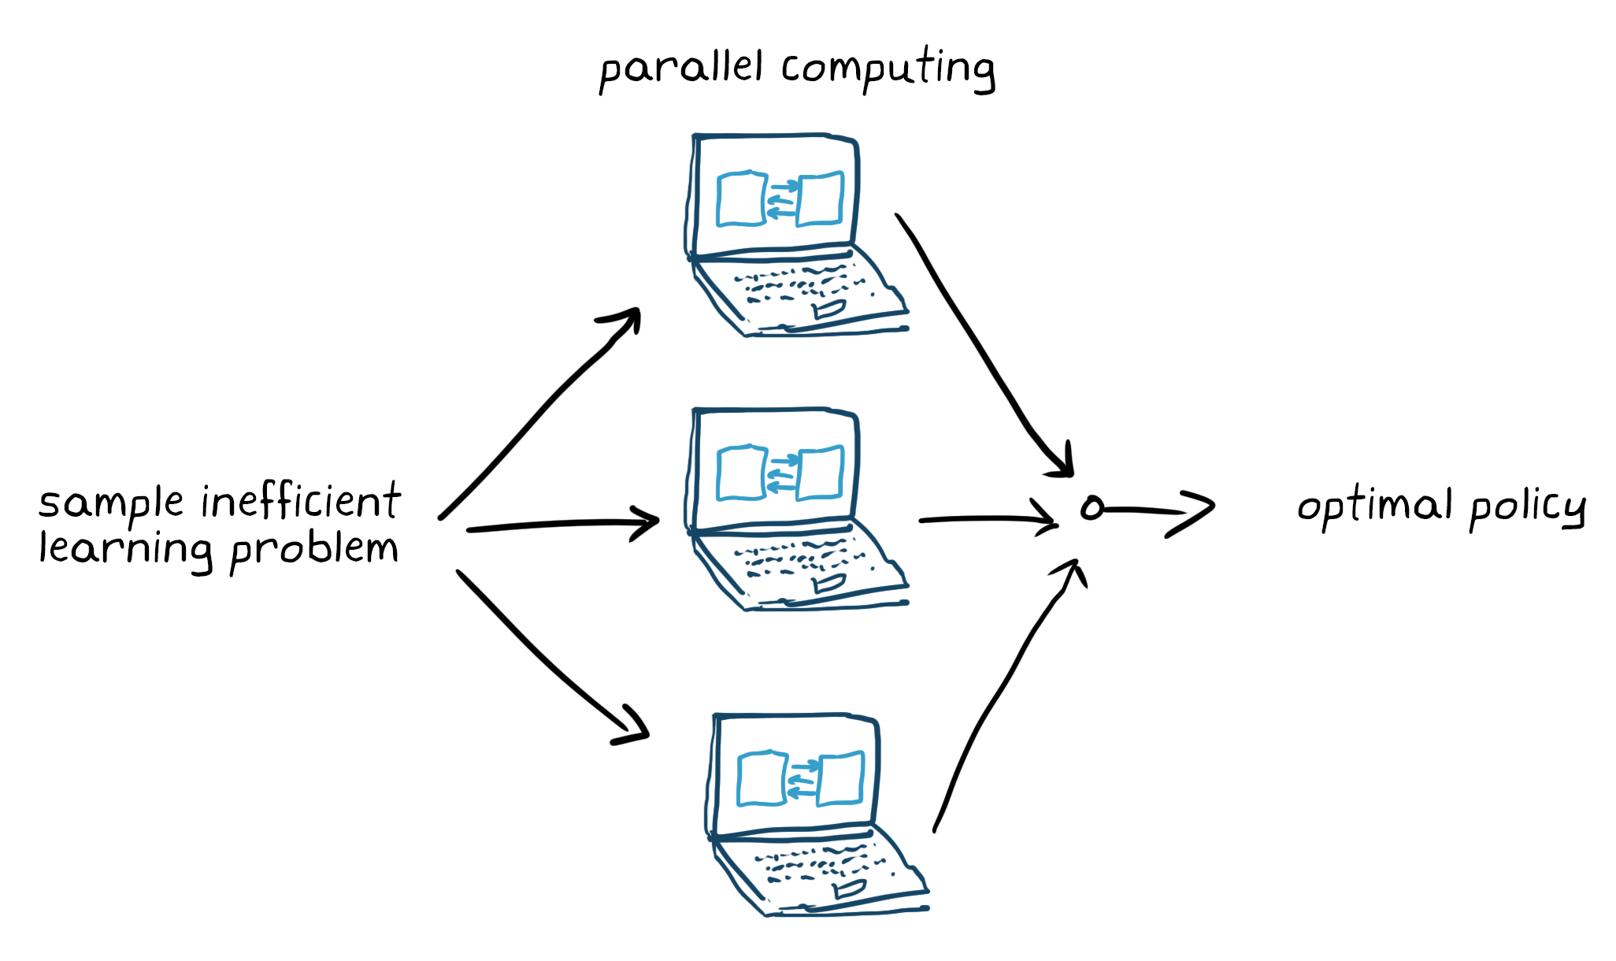 Abbildung5. Training eines ineffizienten Lernproblems mit Parallel Computing.